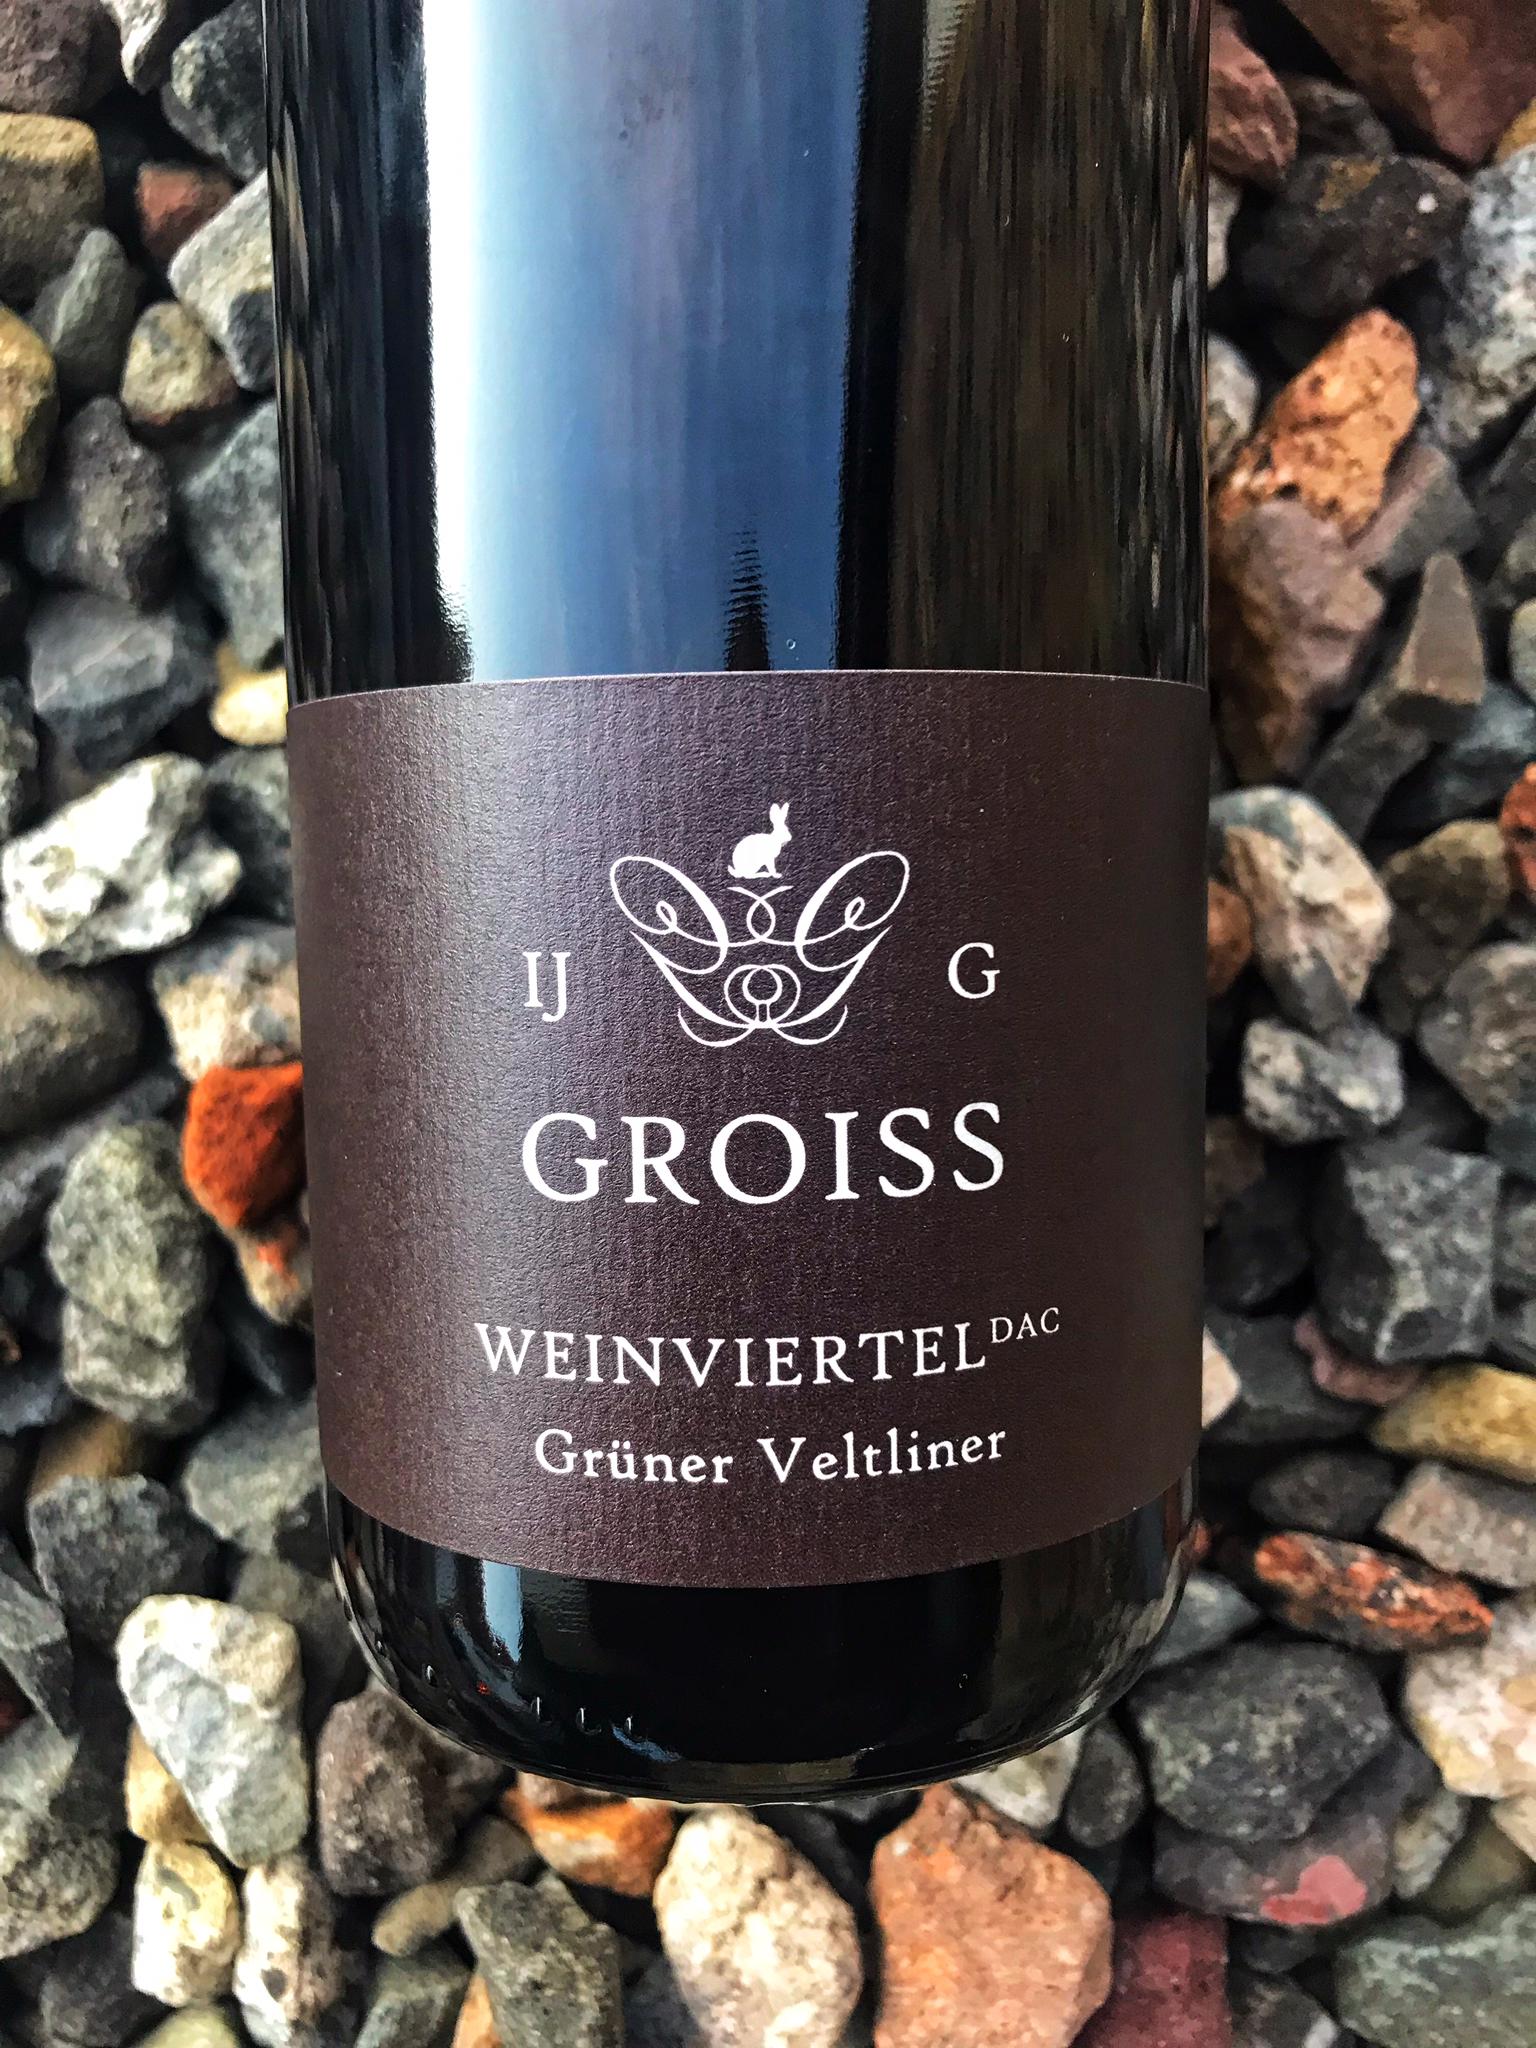 Gruner Veltliner Ingrid Groiss 2018